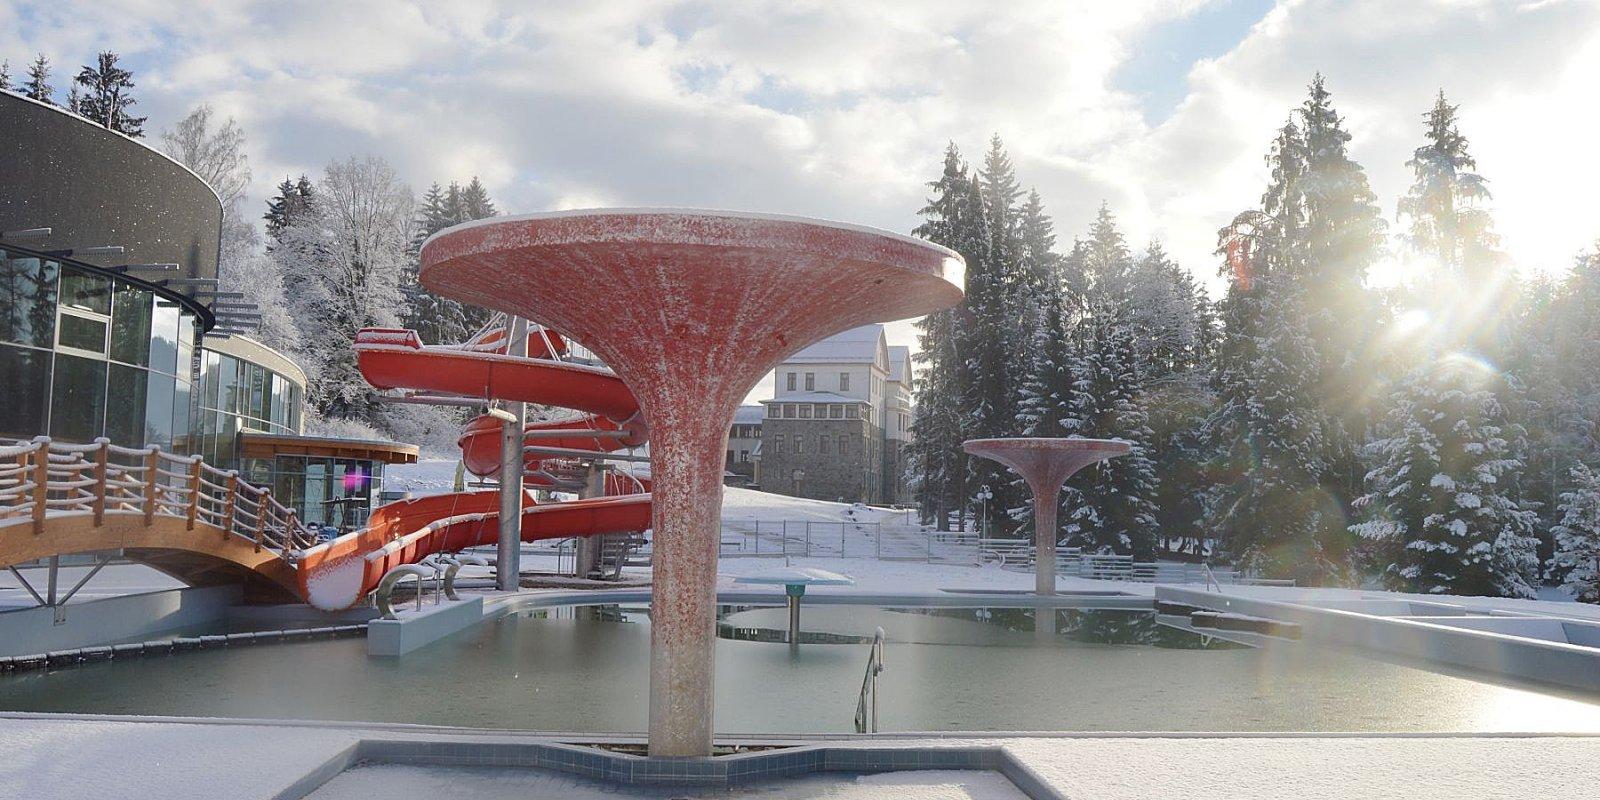 Novou chloubou lázní je unikátní termální park na místě někdejšího koupaliště.  Zařízení, které v České republice nemá obdoby, nabízí jako jediné koupel v přírodní termální vodě a to celkem v devíti vnitřních a venkovních bazénech s teplotou vody okolo 36° C.